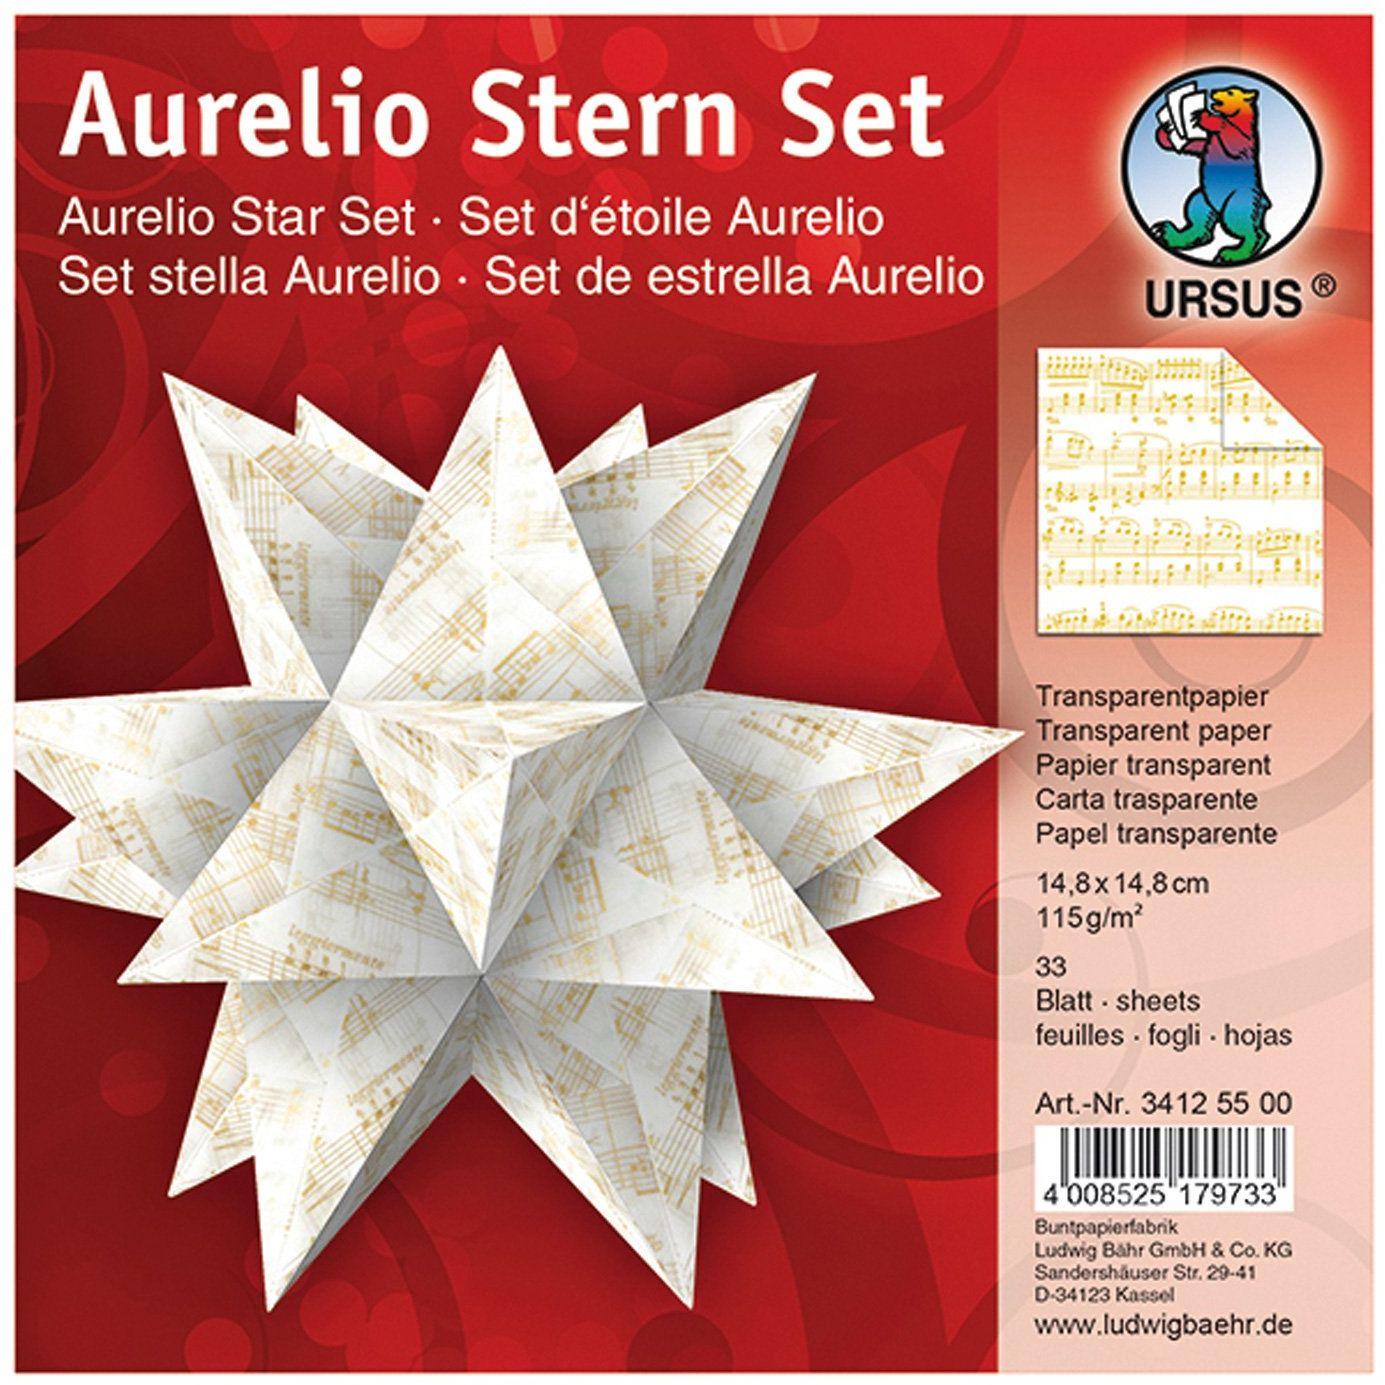 Ursus 34125500 - kartki do składania Aurelio gwiazdy, przezroczysty papier, 14,8 x 14,8 cm, nuty